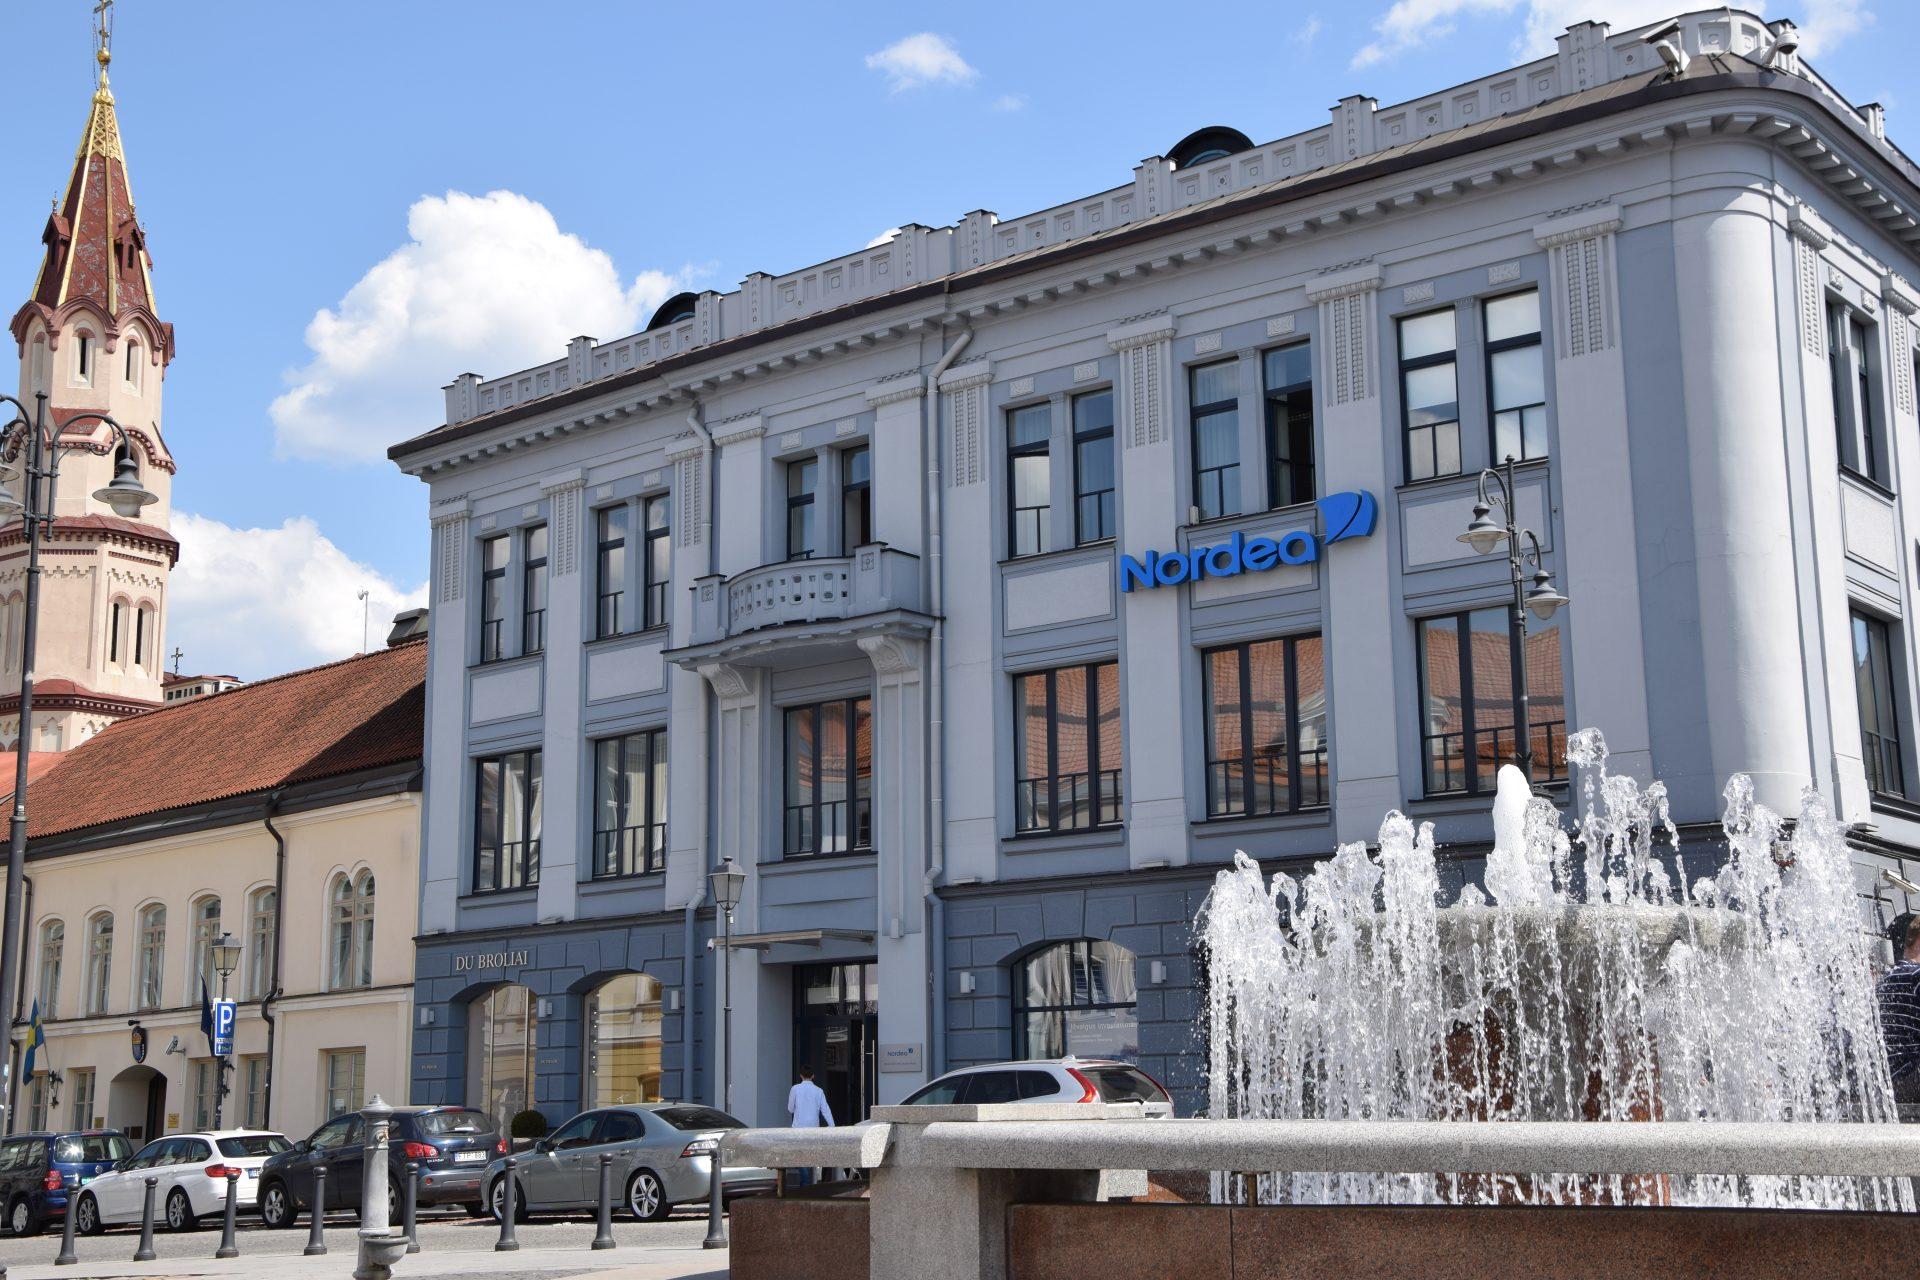 Nordea banko filialo rekonstravimo darbai